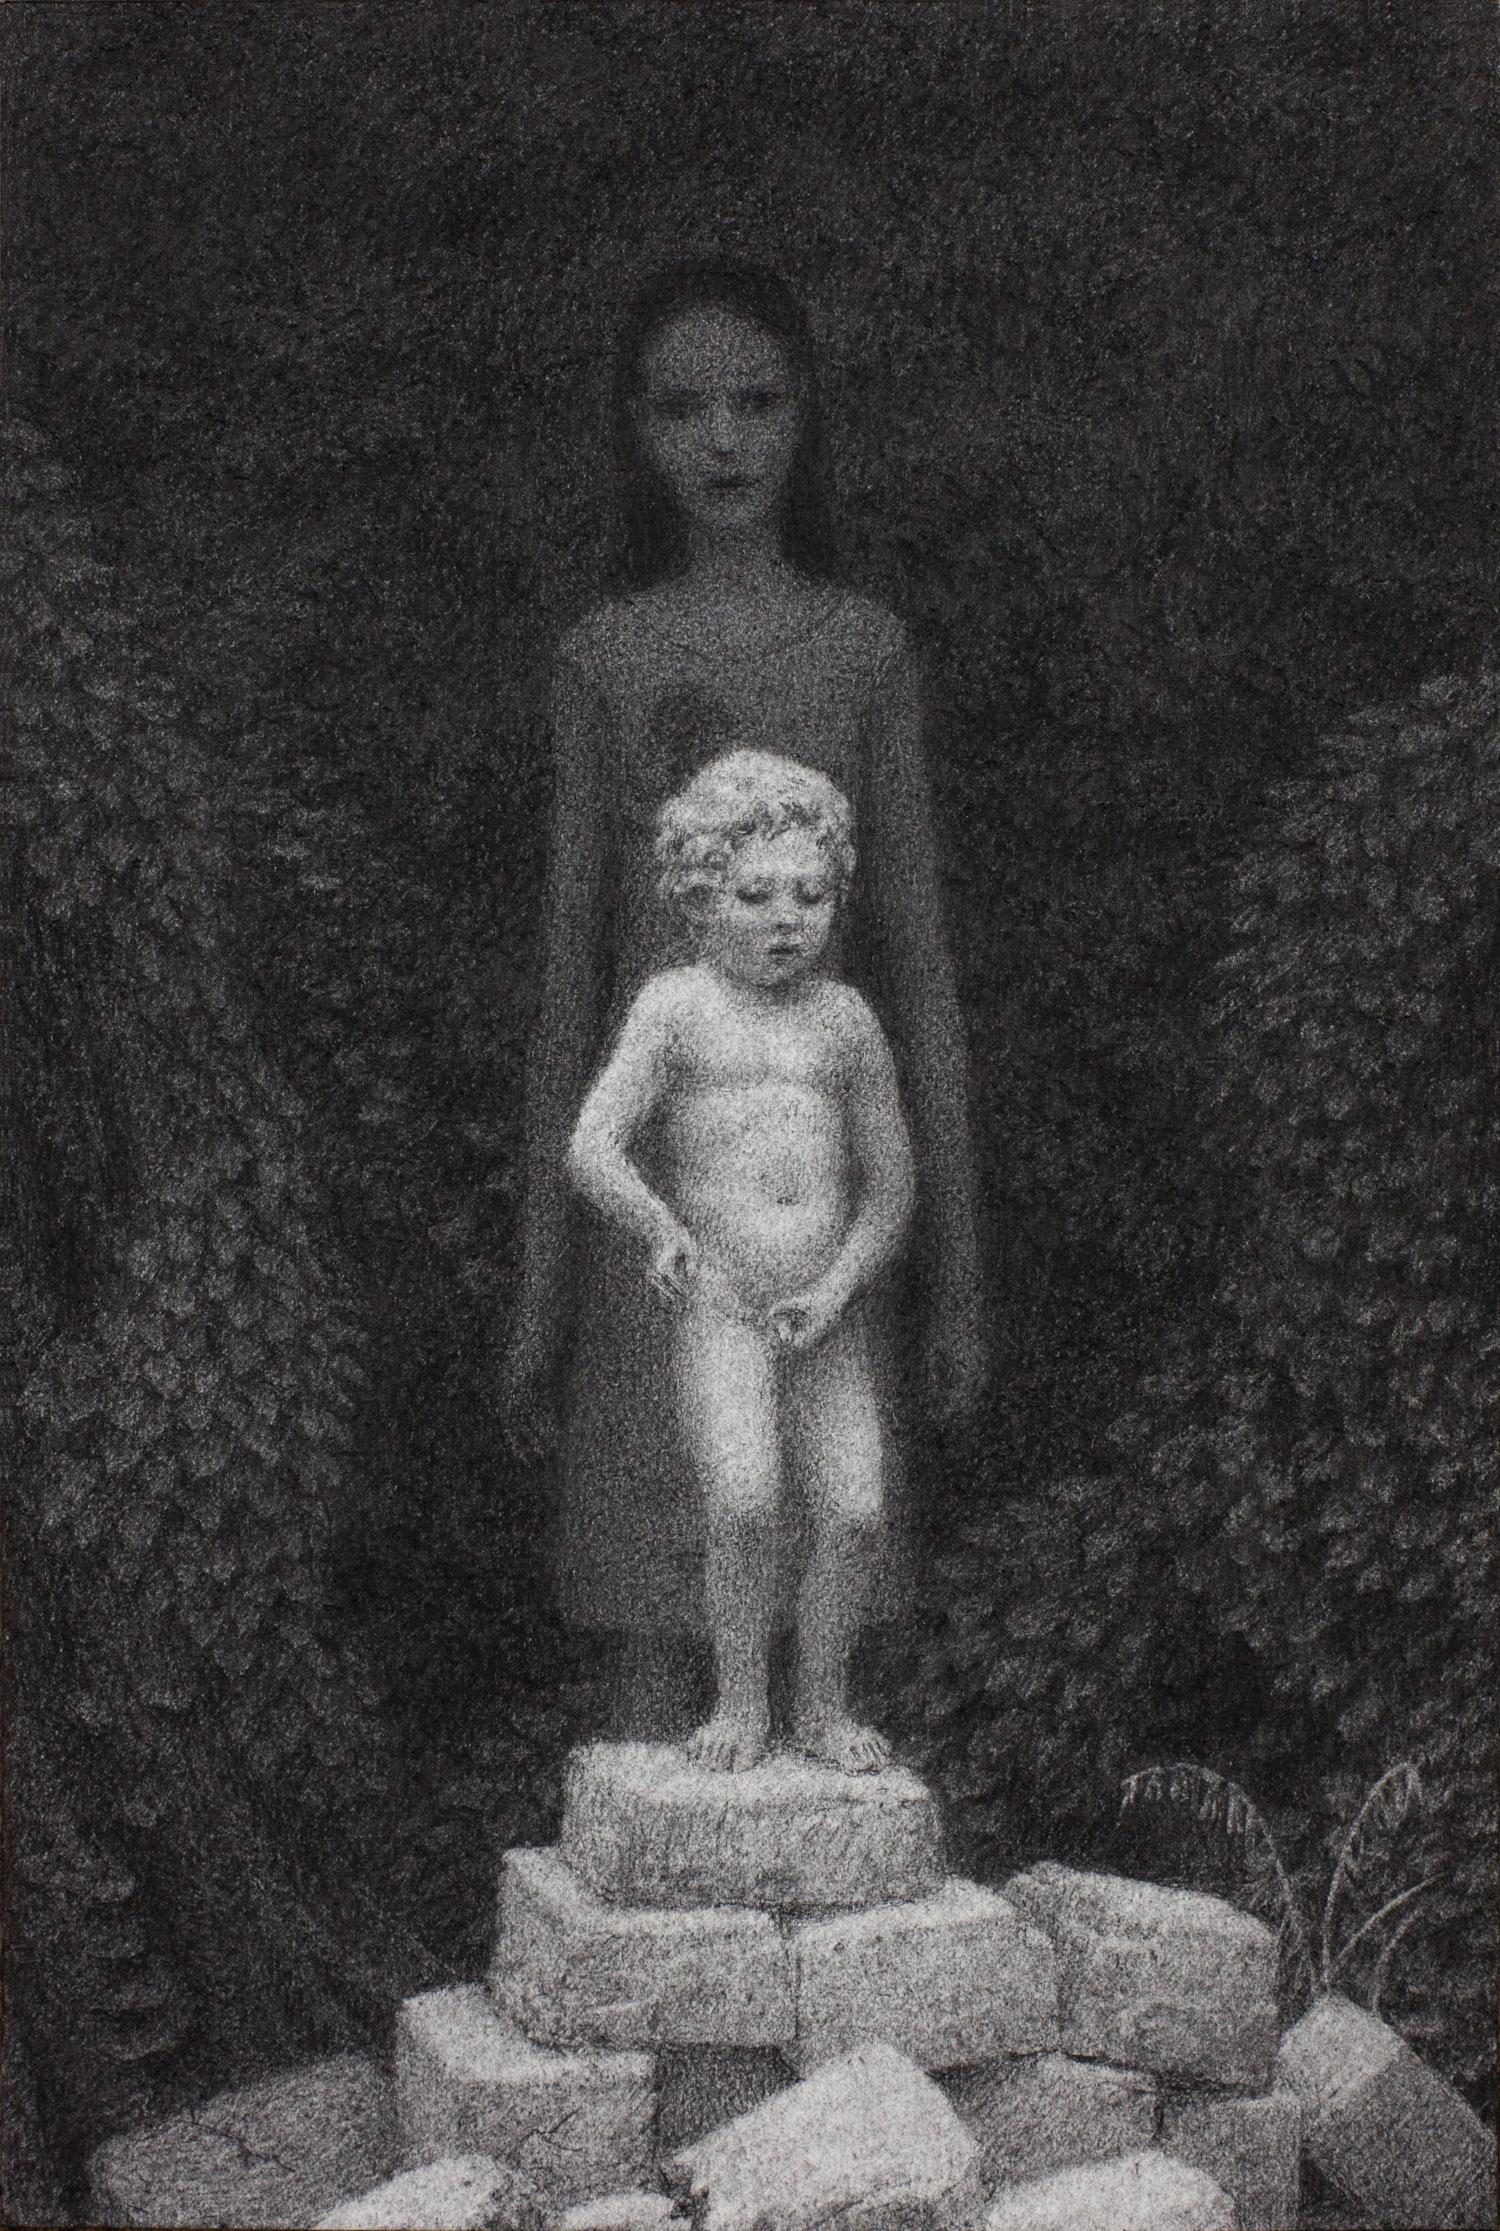 Vigil 5 , charcoal on paper, 15 x 10 in / 38 x 25 cm, 2013